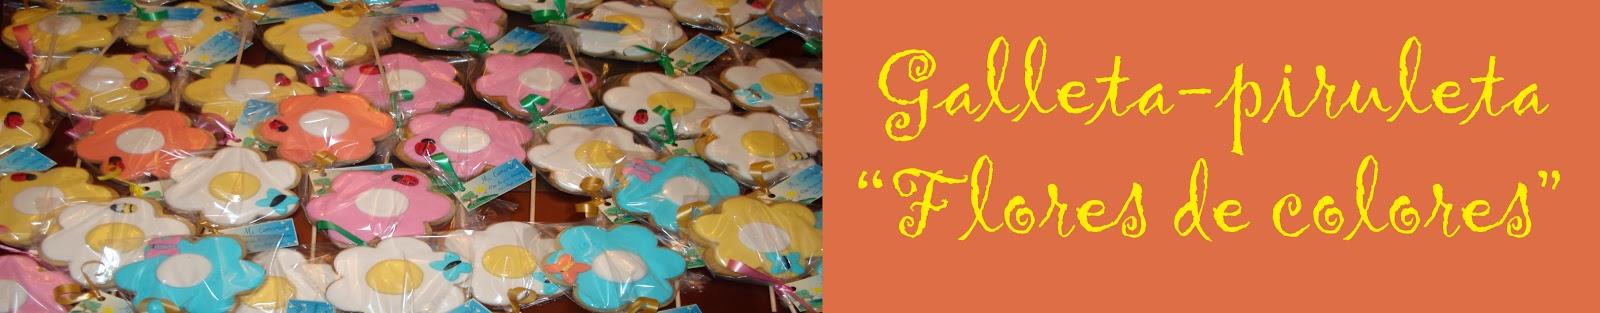 http://deliciaskawaii.blogspot.com.es/2011/05/flores-de-galleta-y-fondant-recuerdo-de.html